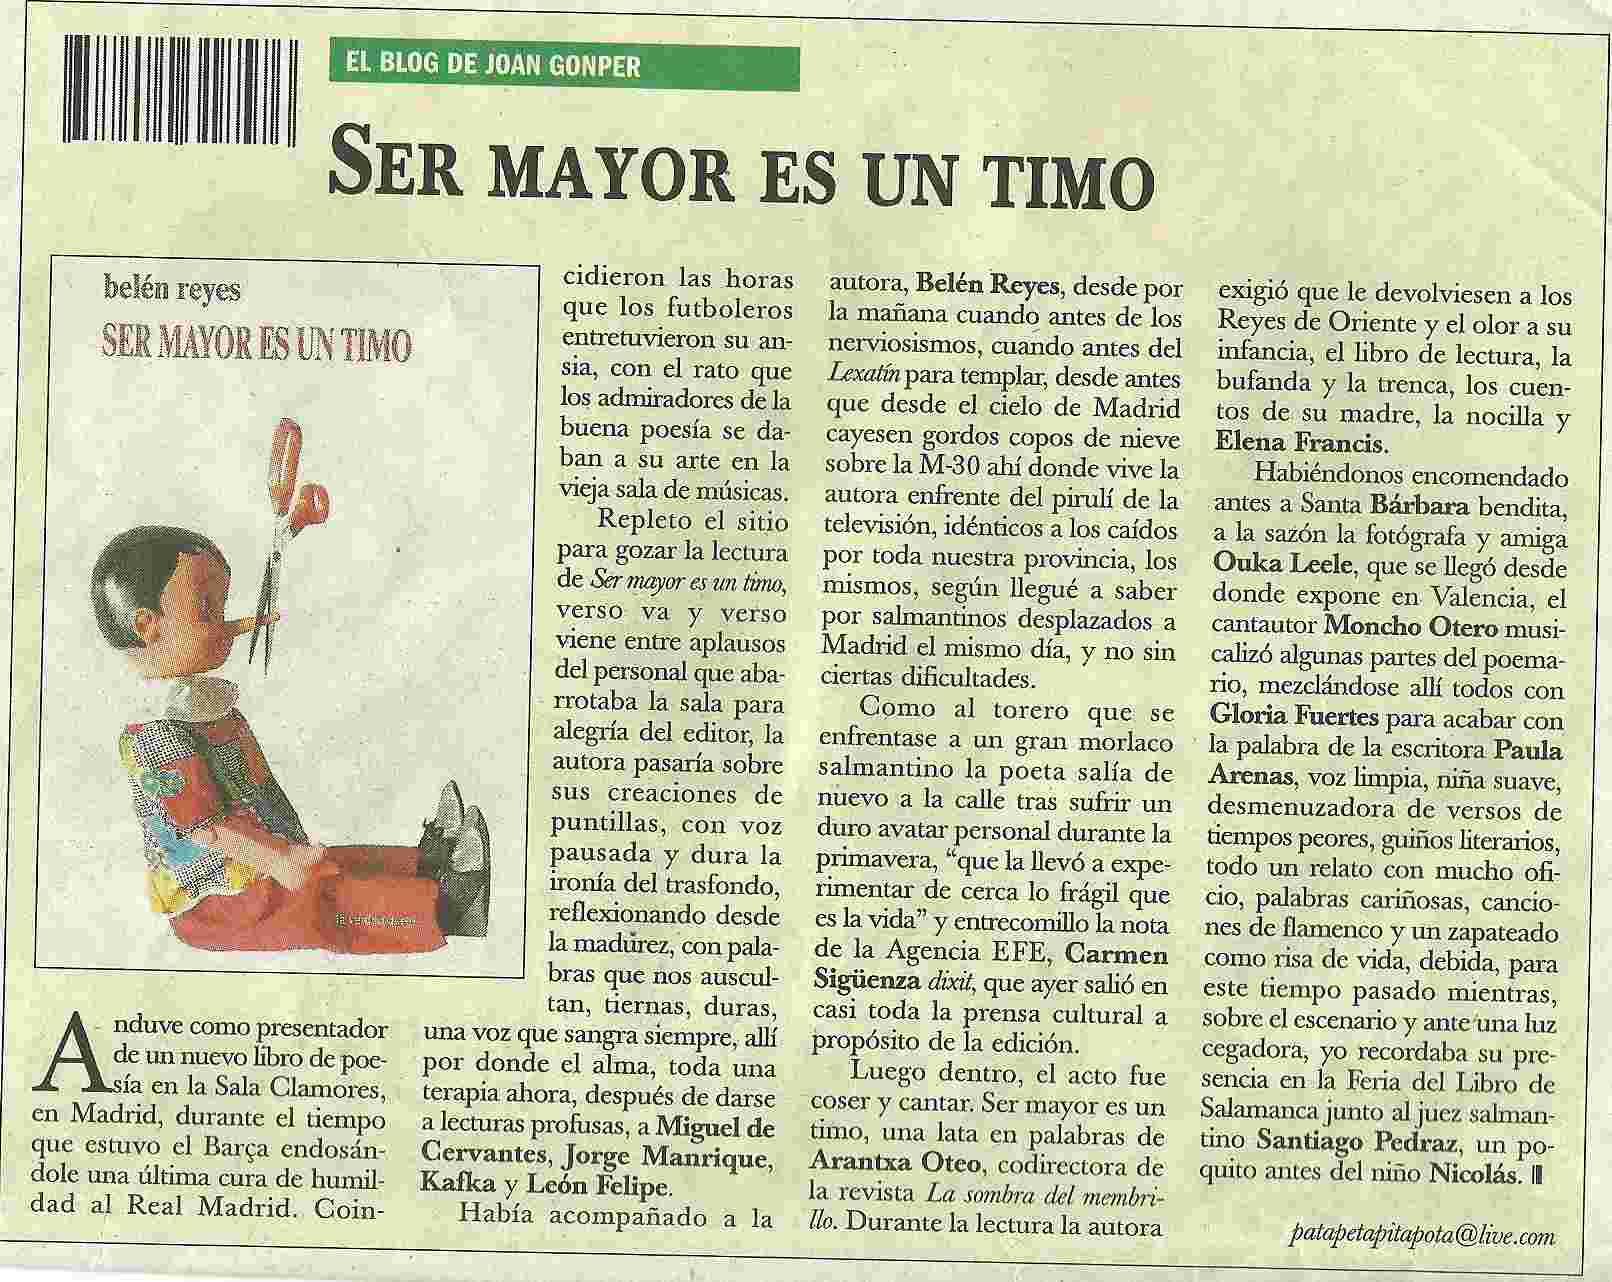 """EL ADELANTO DE SALMANCA: Presentación de """"Ser mayor es un timo"""" de Belén Reyes."""